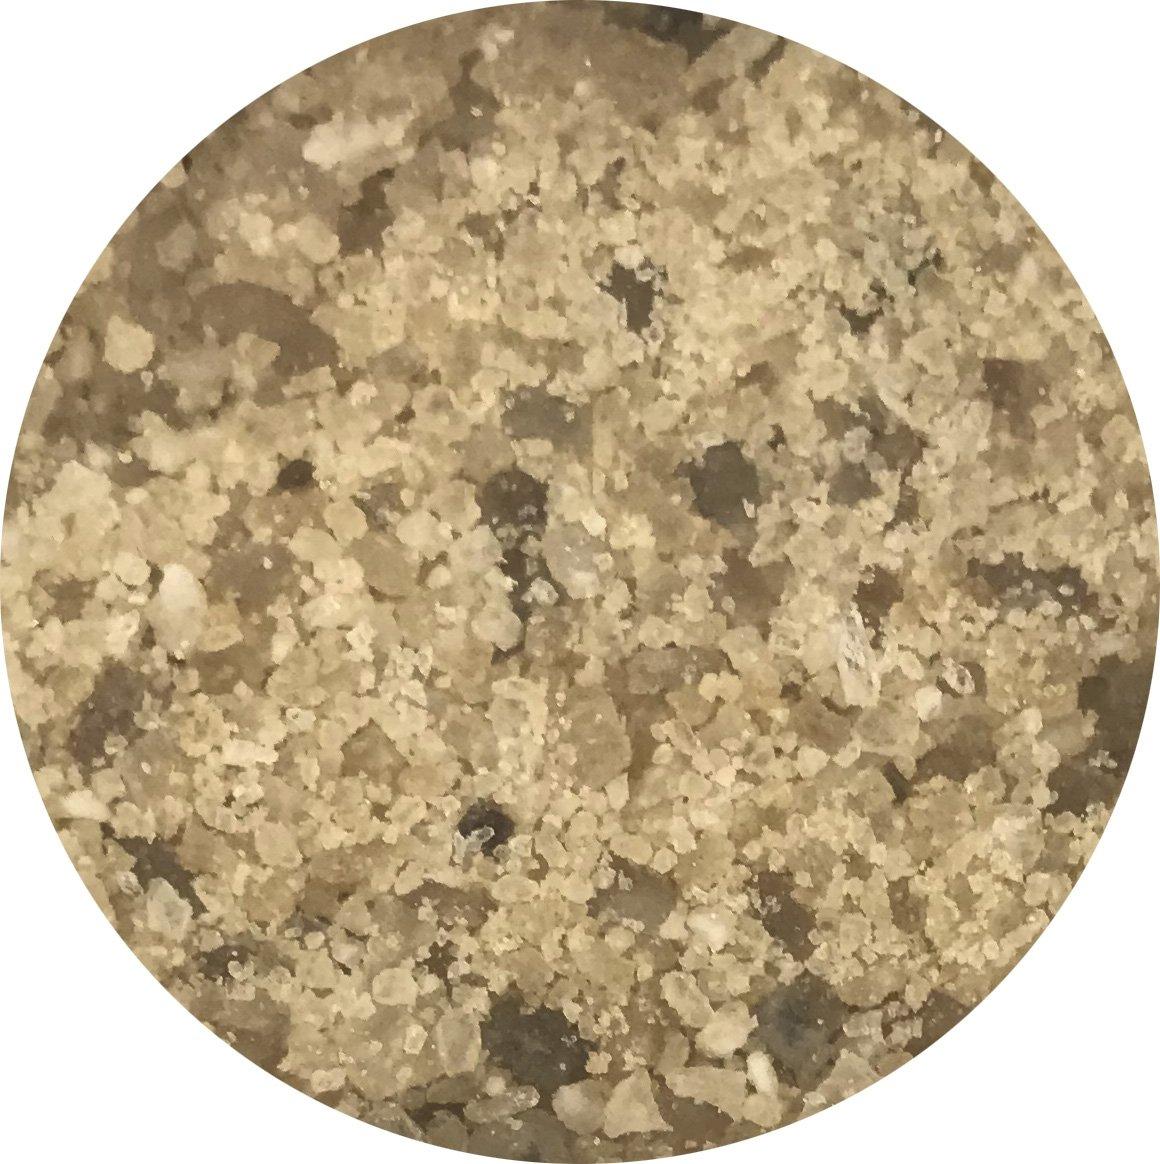 Sales De Baño - Sal 100% Natural cosmético 1000 g - Sal marina con minerales super-effective para piel y recuperación: Amazon.es: Belleza